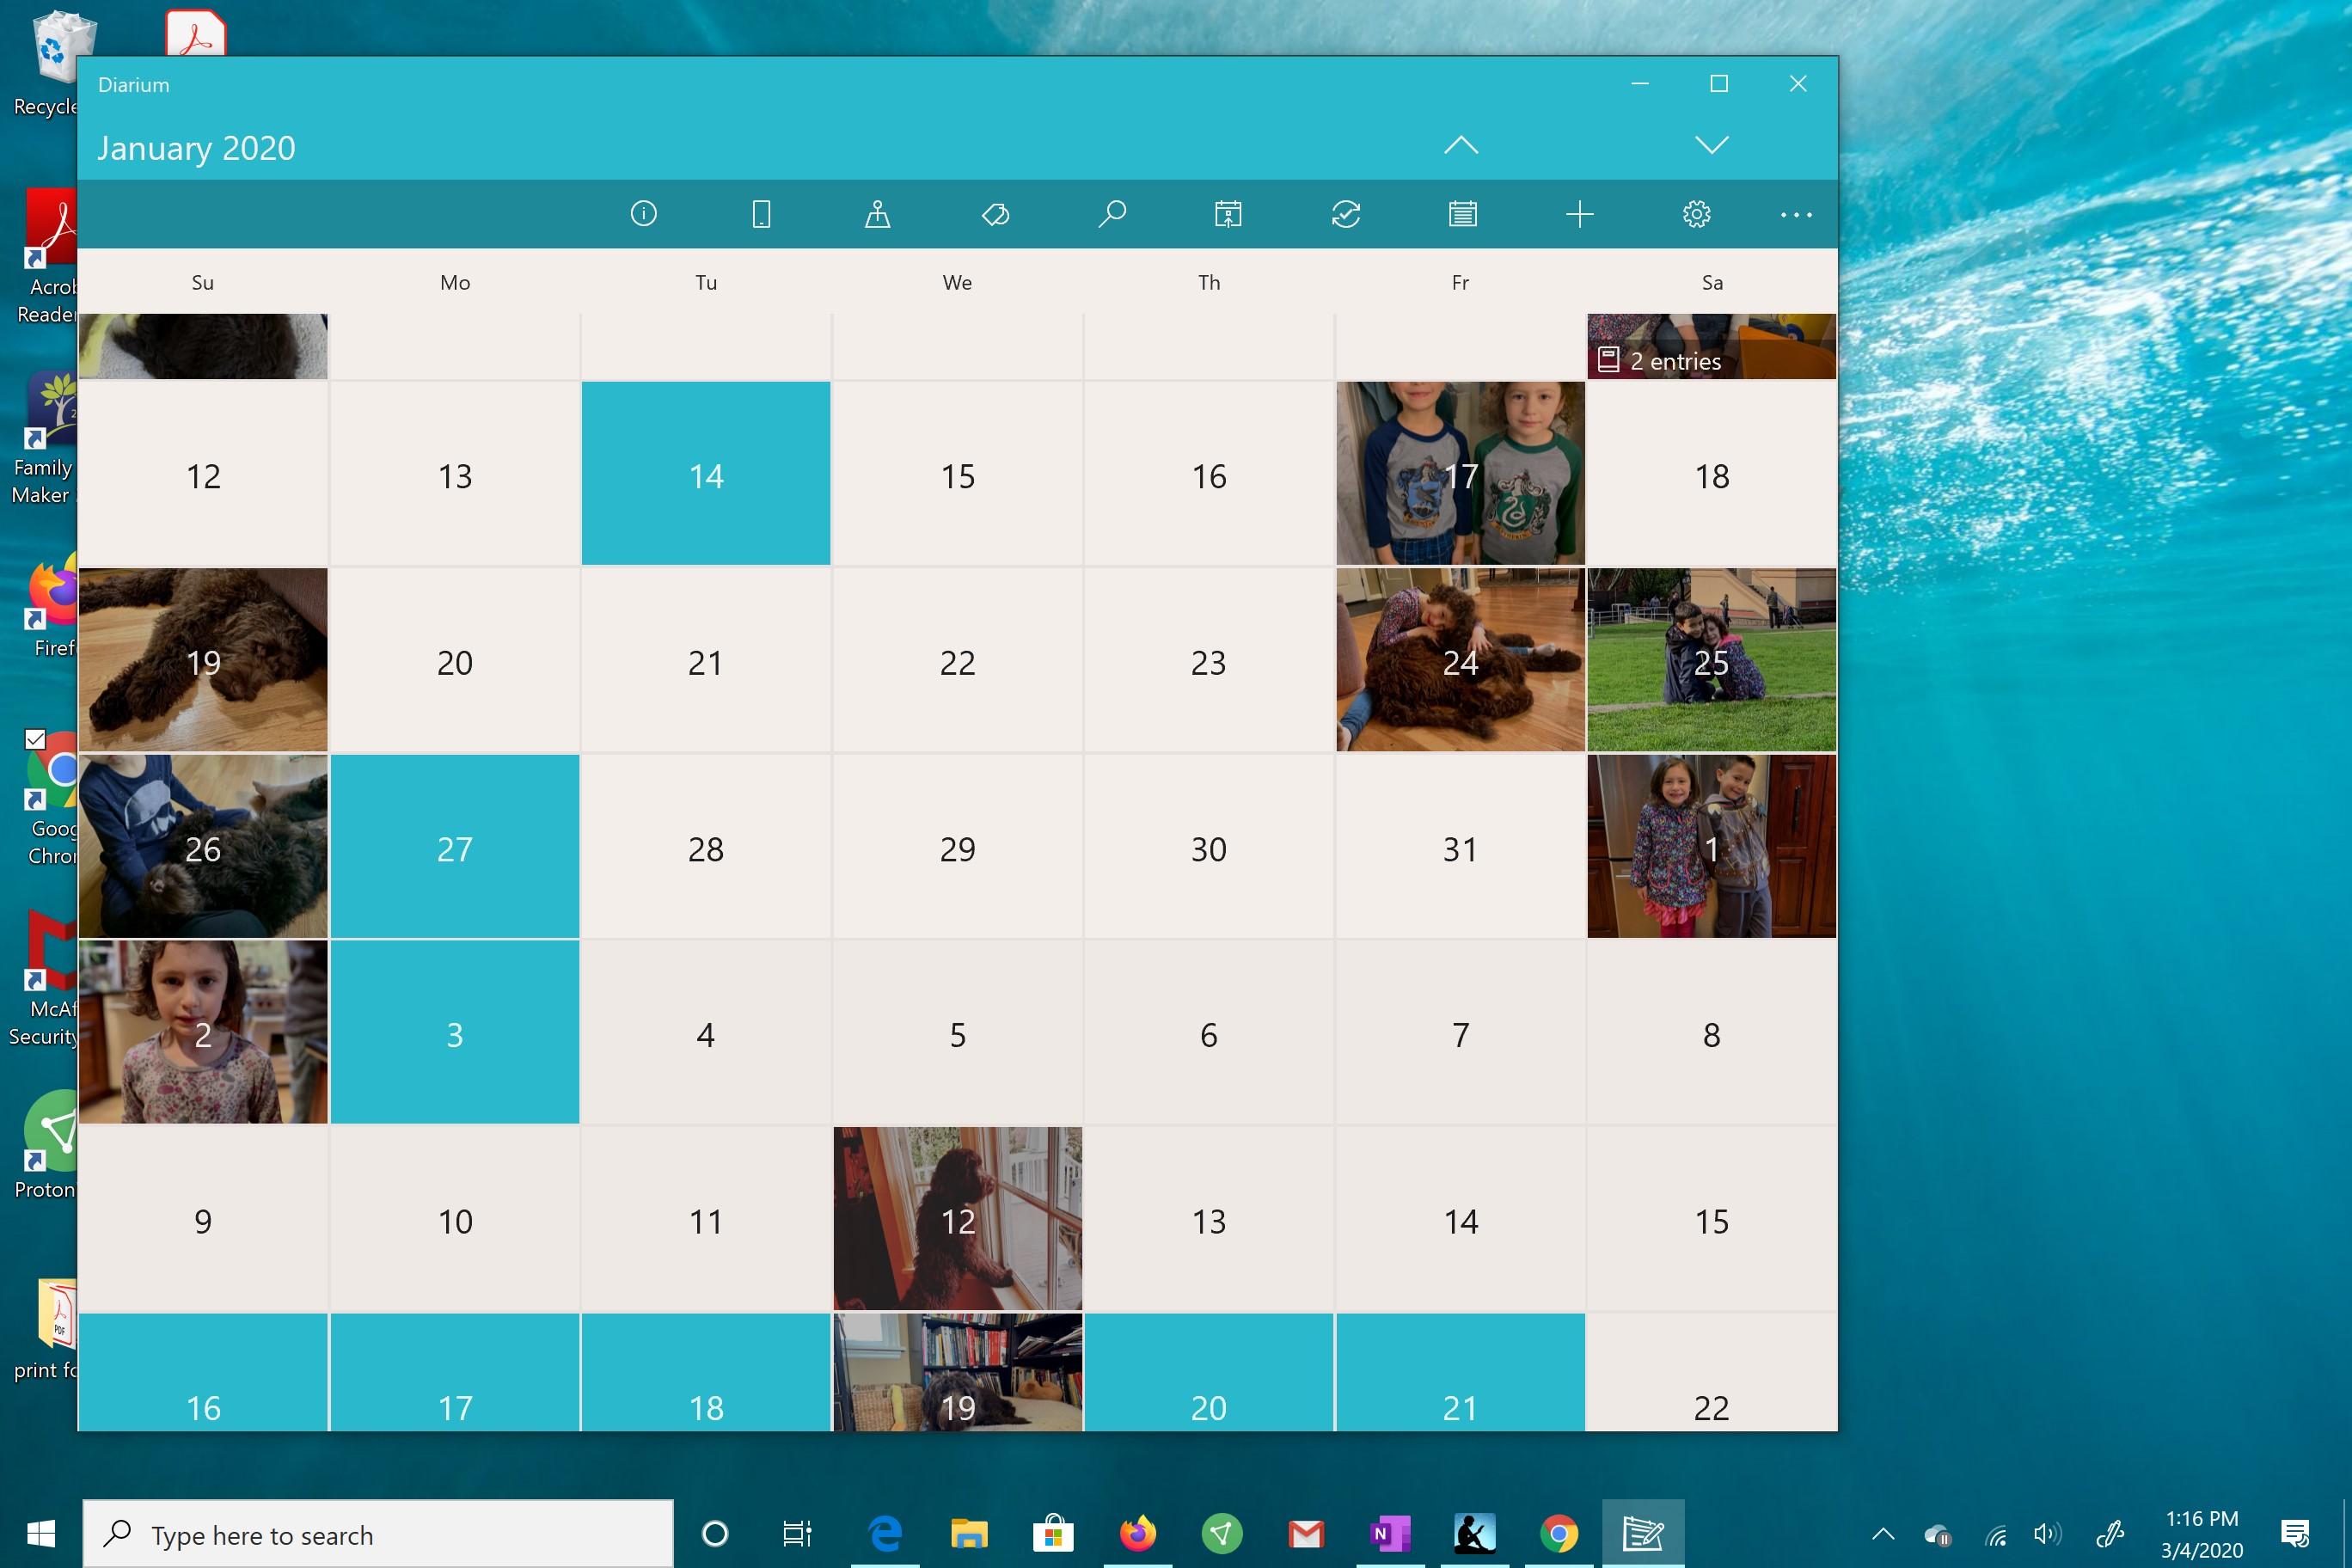 diarum calendar view